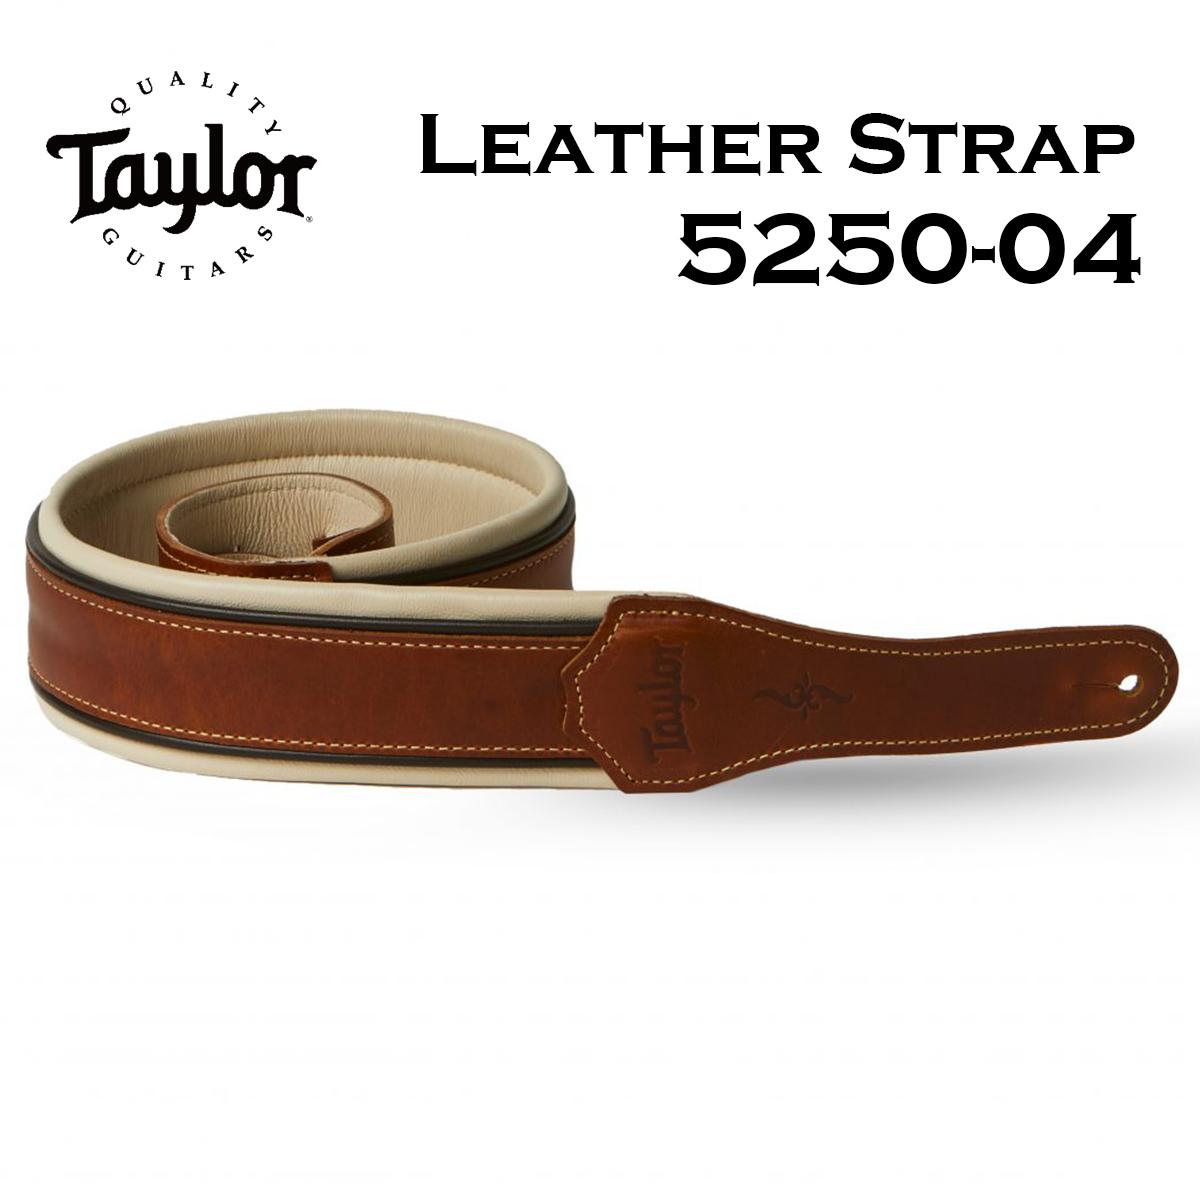 無料 Taylor 5250-04 Century Strap Cordovan 新品 低廉 レザーストラップ 茶 ベース用 Brown ギター ブラウン テイラー Leather